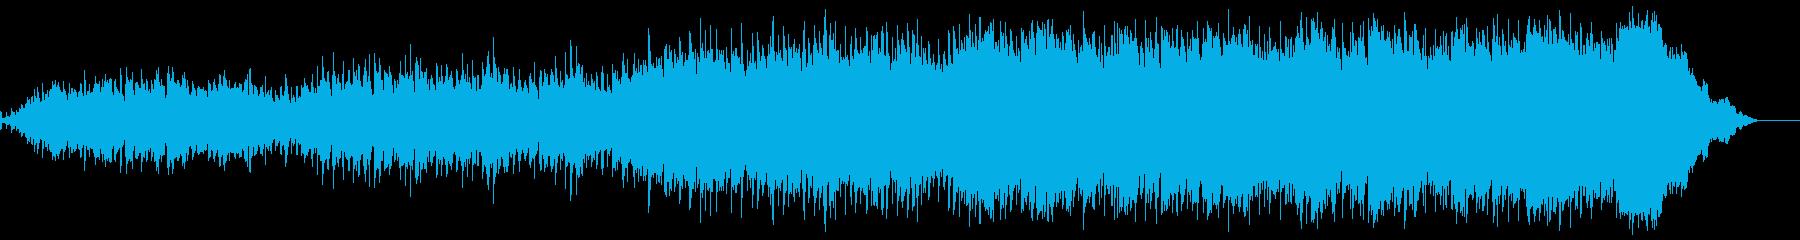 クールなサントラのようなロックの再生済みの波形